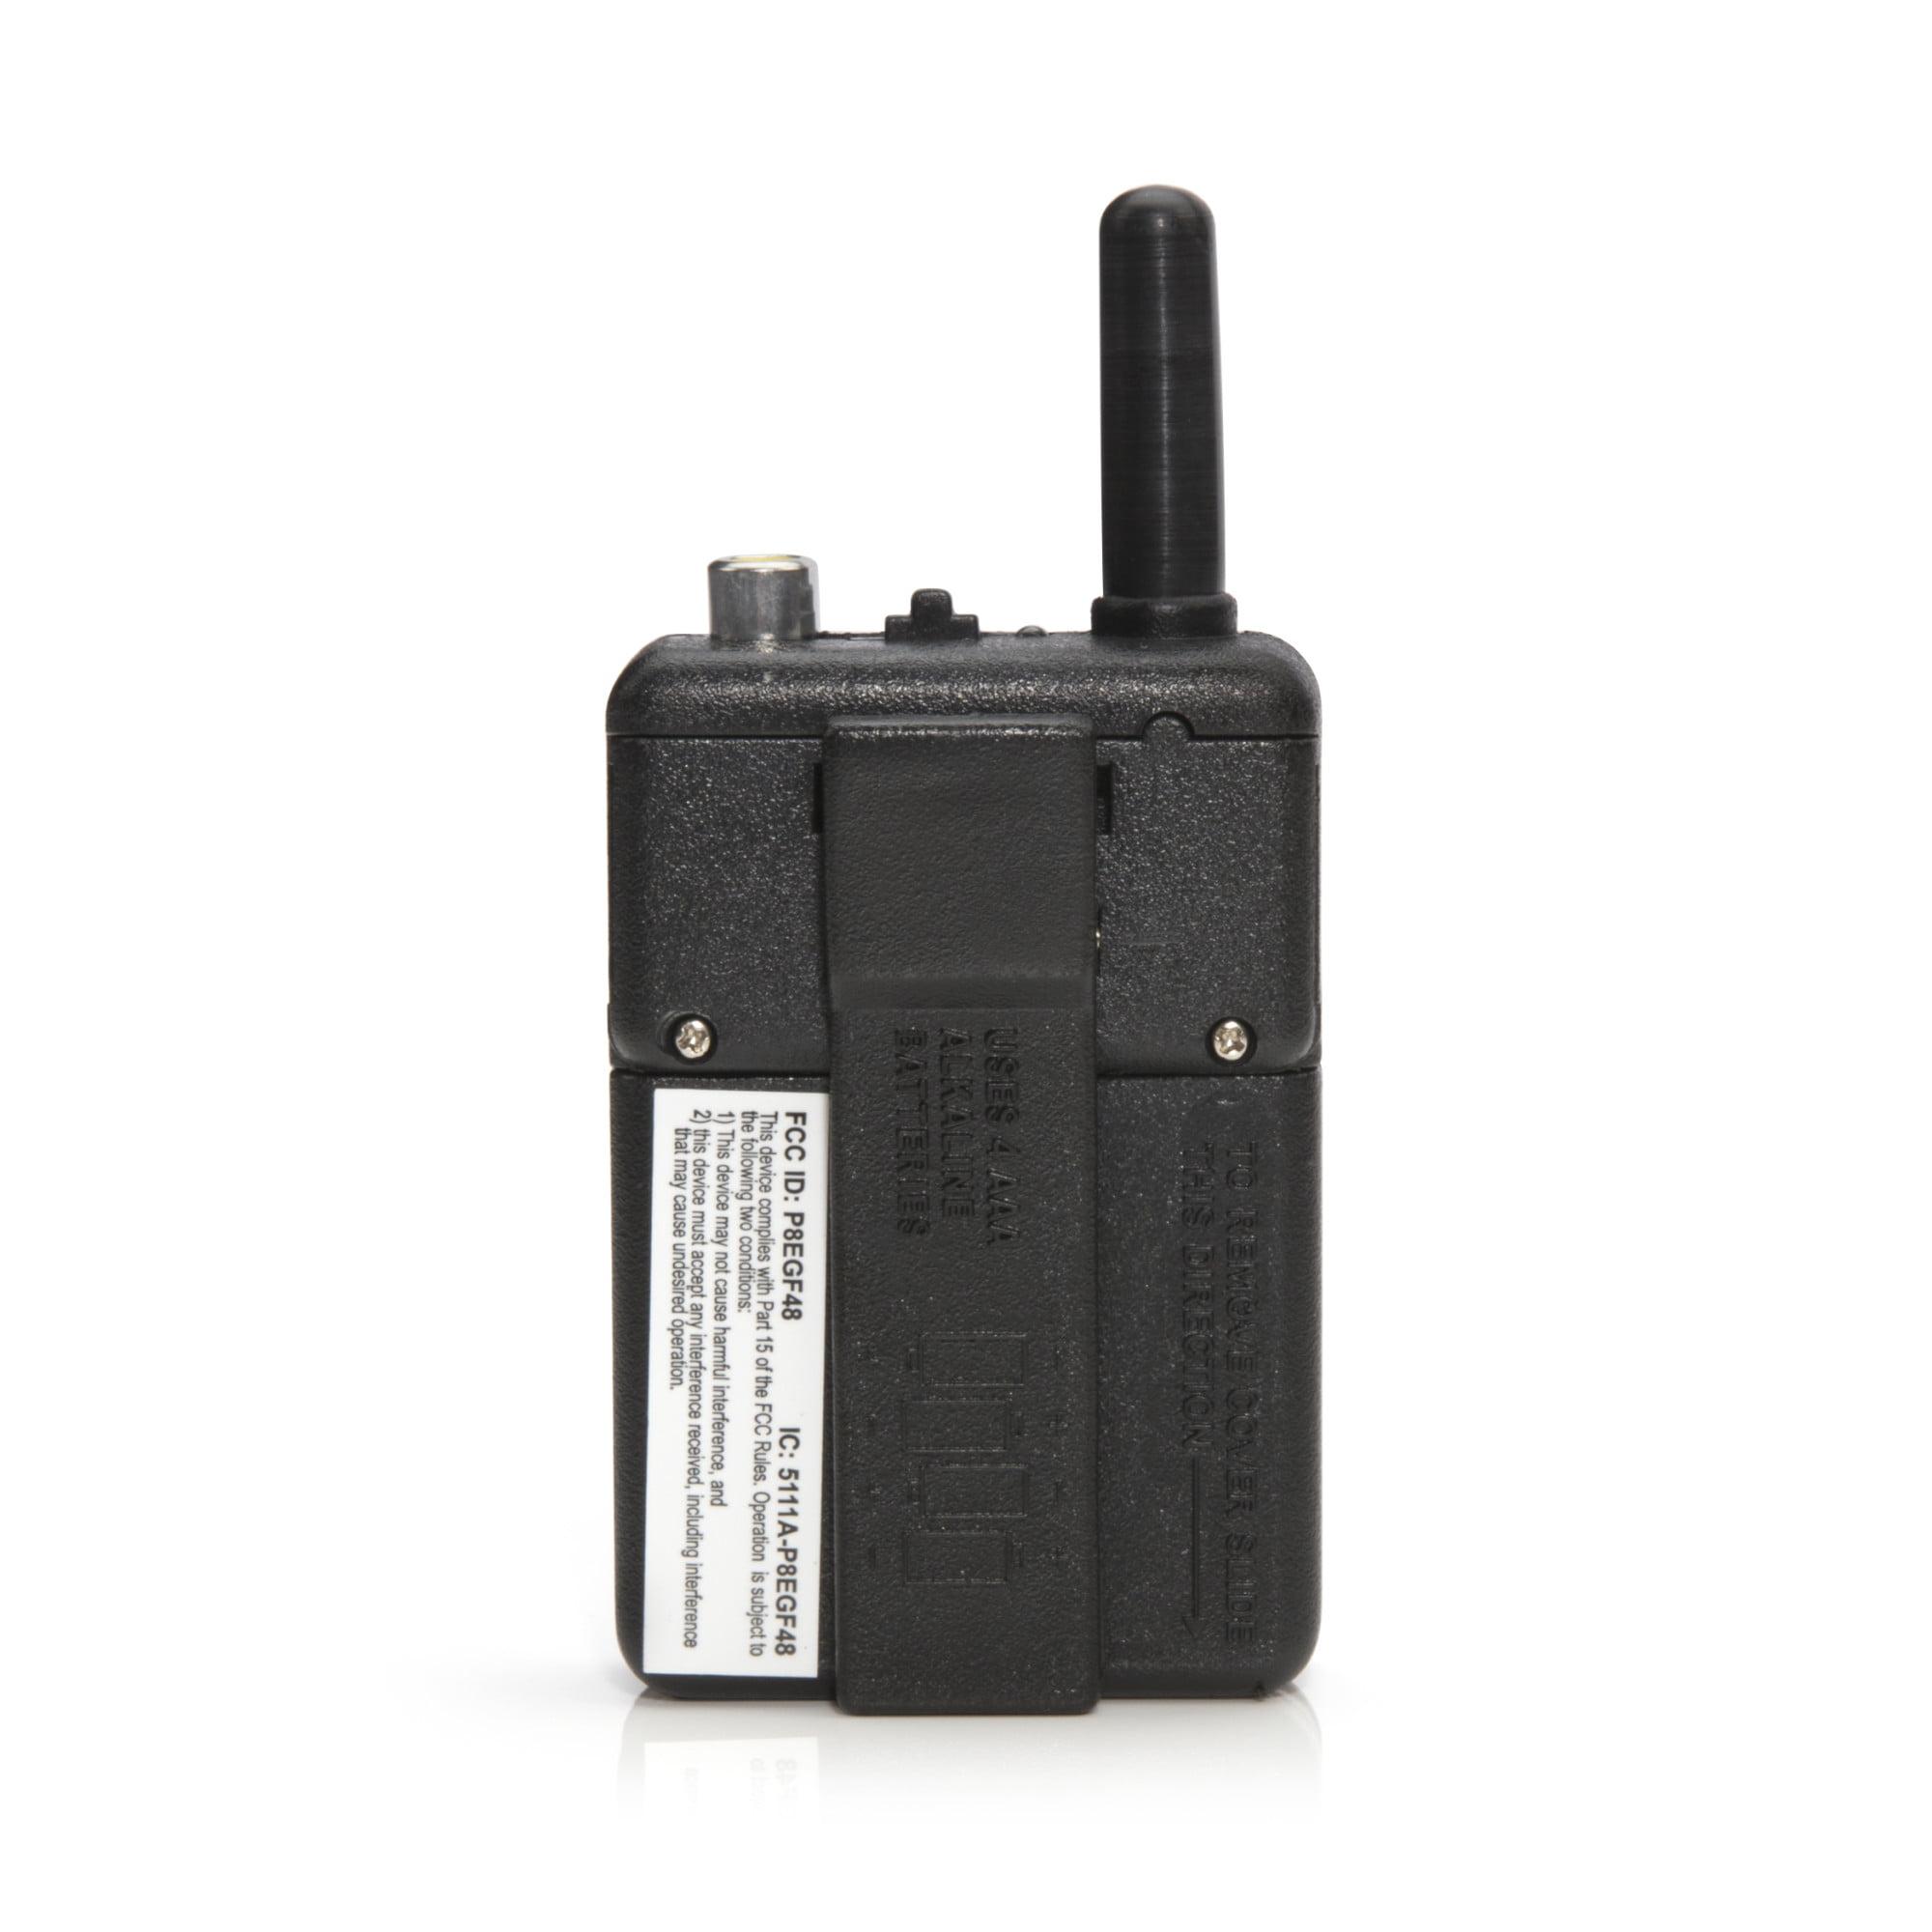 STEELMAN 97202-03 Wireless ChassisEAR Transmitter #2